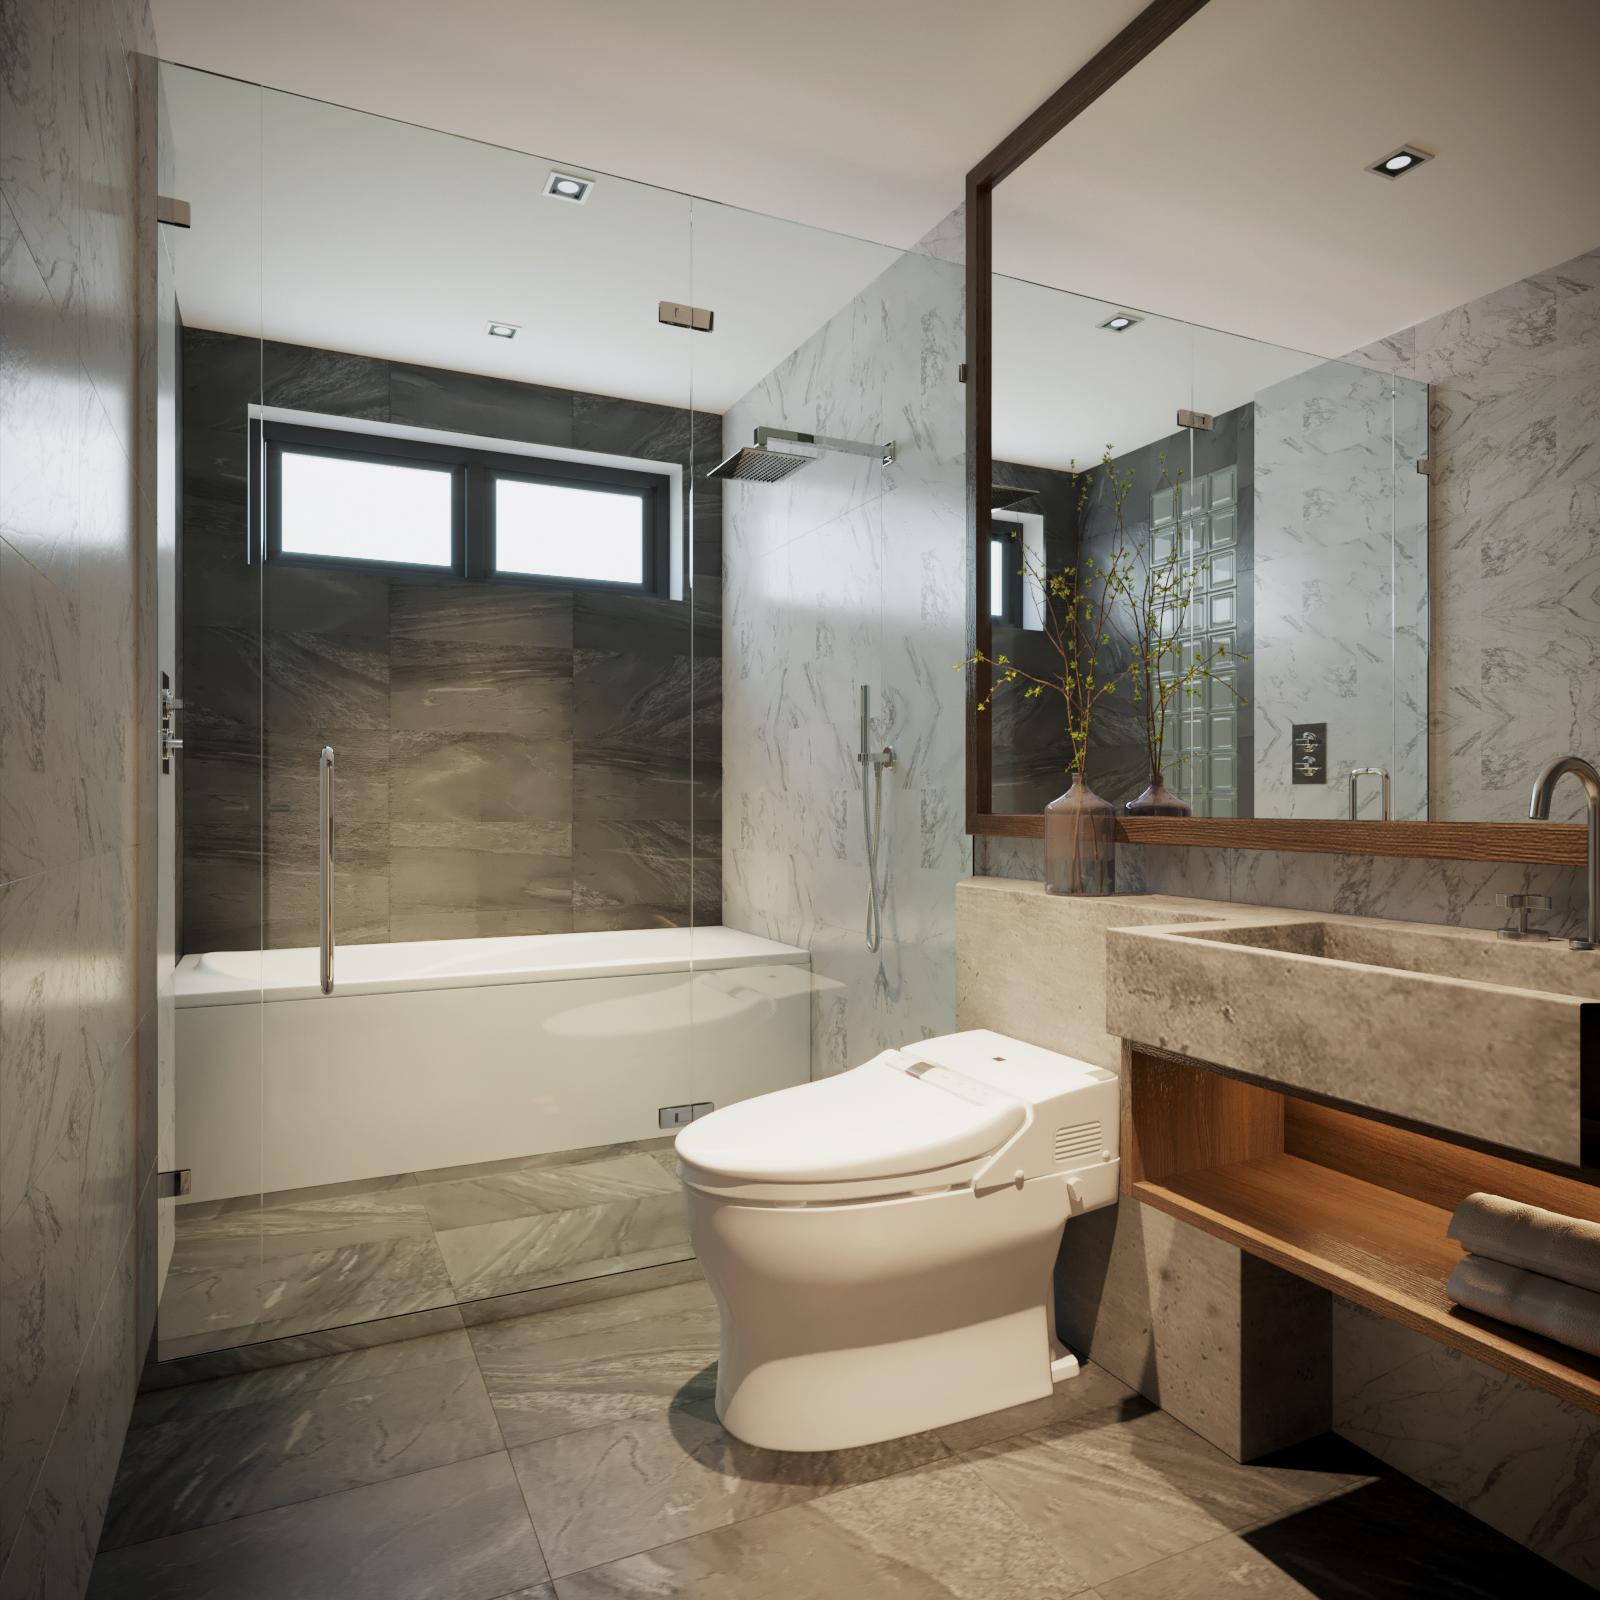 thiết kế nội thất chung cư tại Hà Nội VINCOM NGUYEN CHI THANH - APARTMENT 18 1533622271